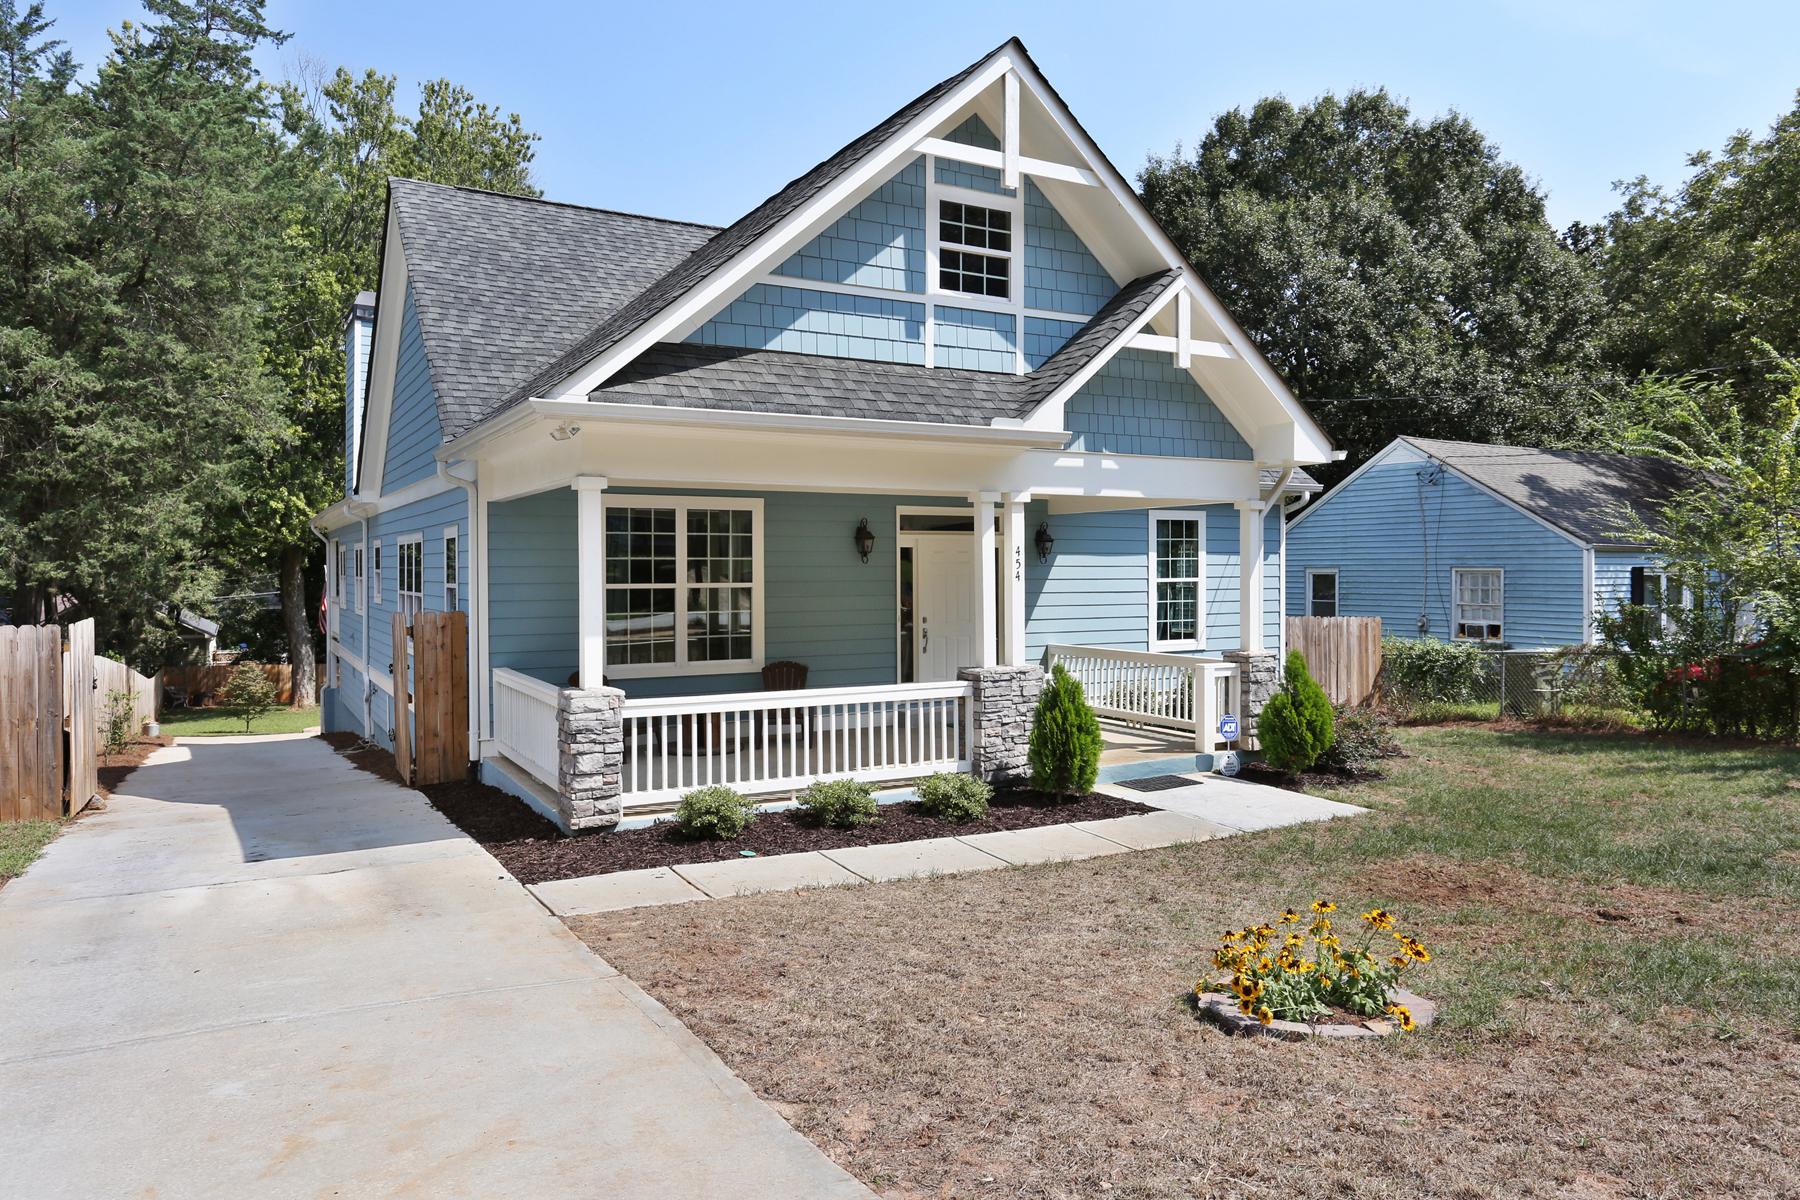 一戸建て のために 売買 アット Immaculate Bungalow Style Home 454 Maynard Terrace SE East Atlanta, Atlanta, ジョージア, 30316 アメリカ合衆国